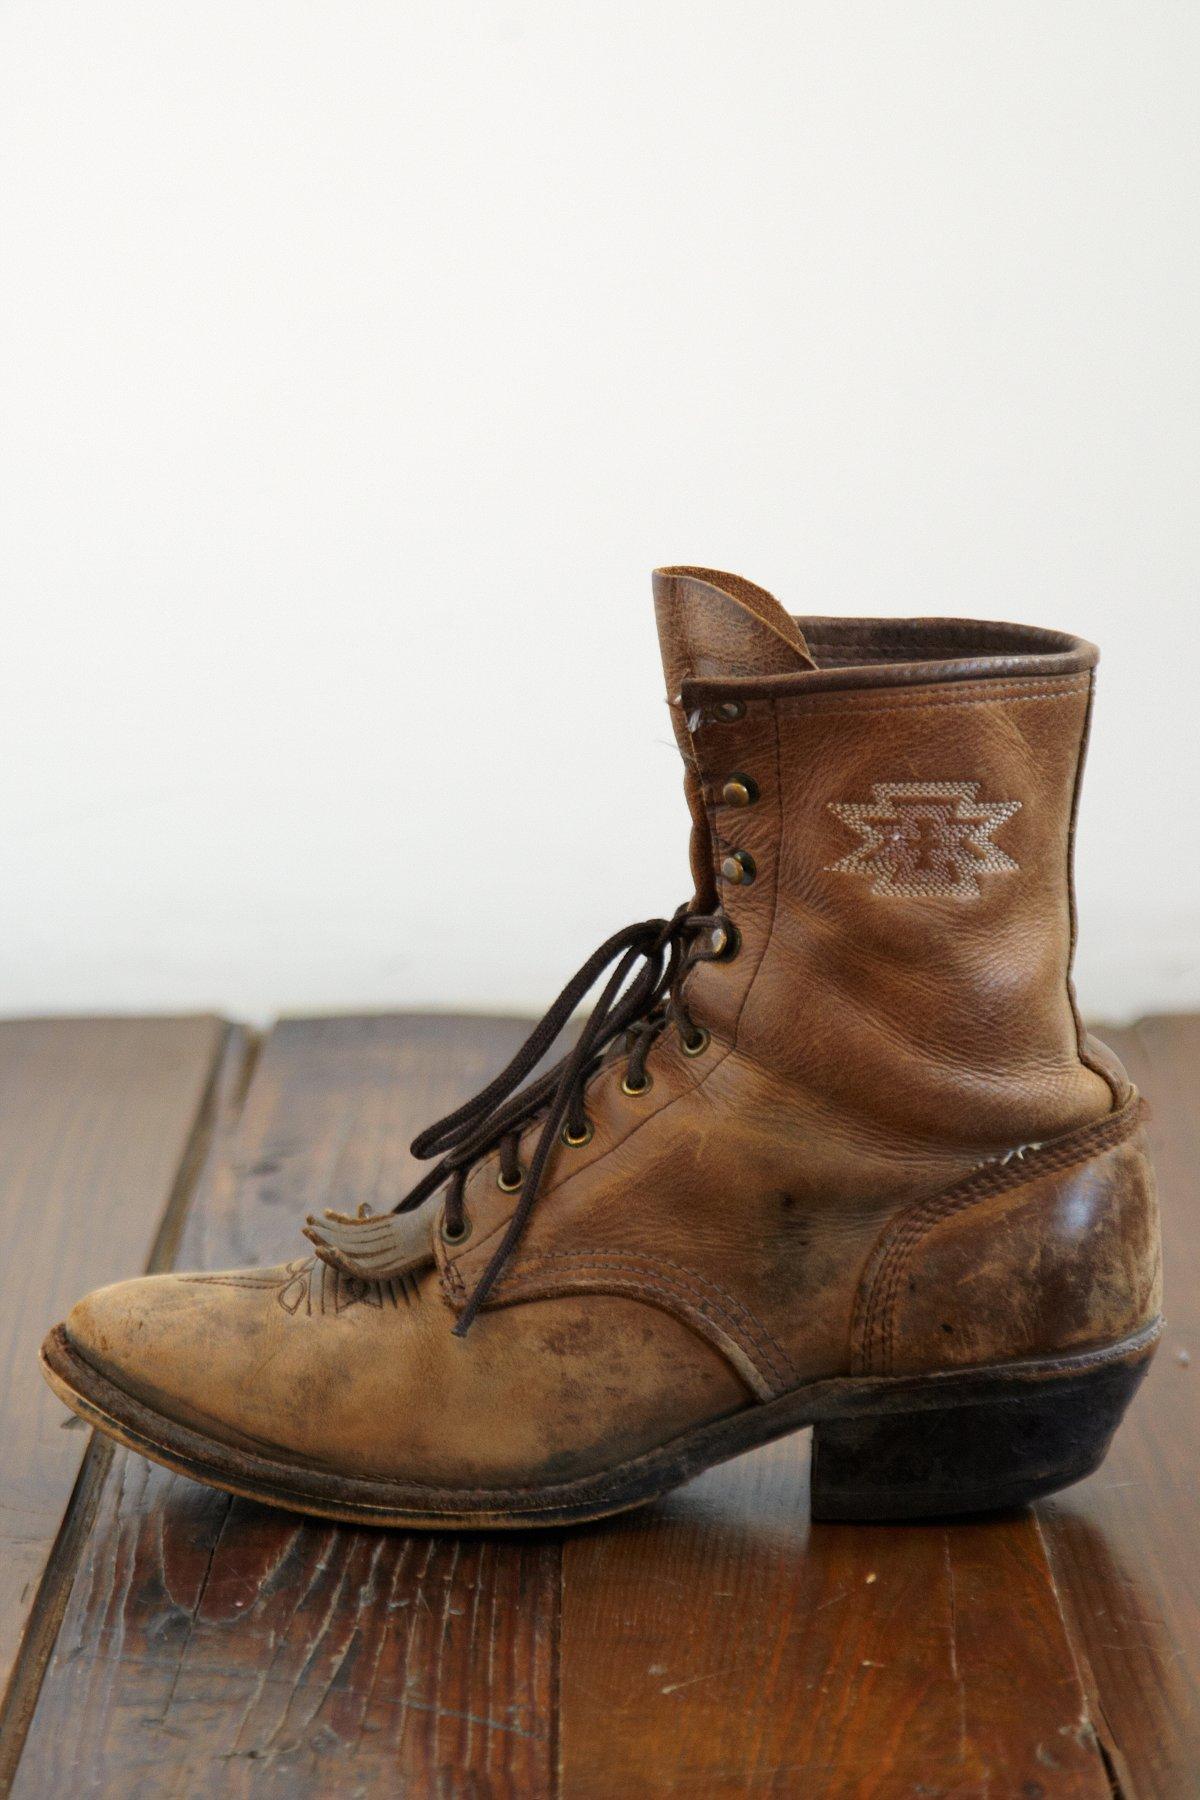 Vintage Distressed Leather Fringe Boots